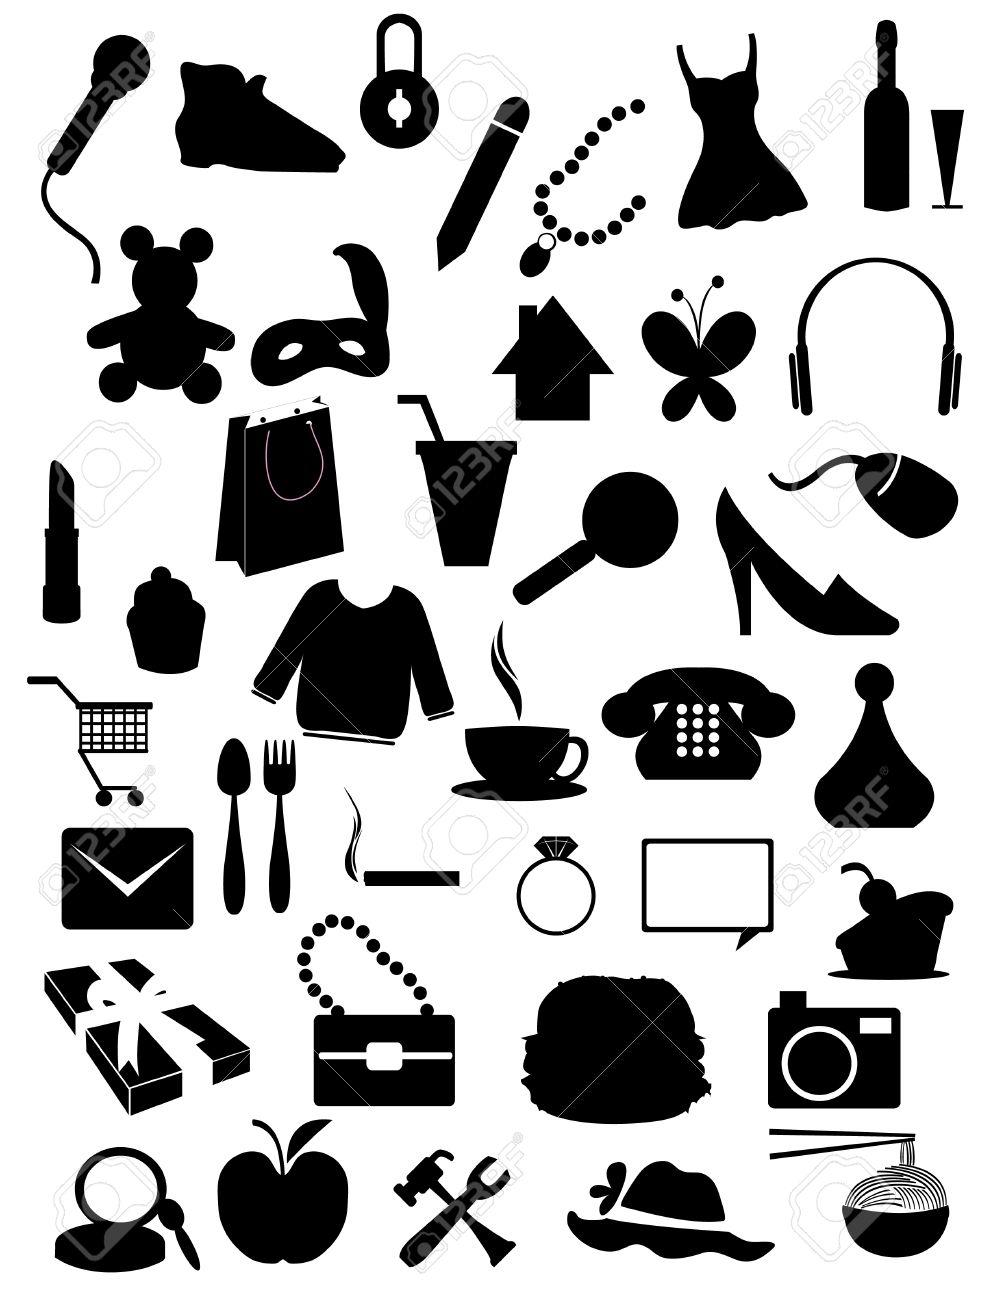 シルエット アイテム , ショッピング、web、アクセサリー オブジェクト 写真素材 , 6947304